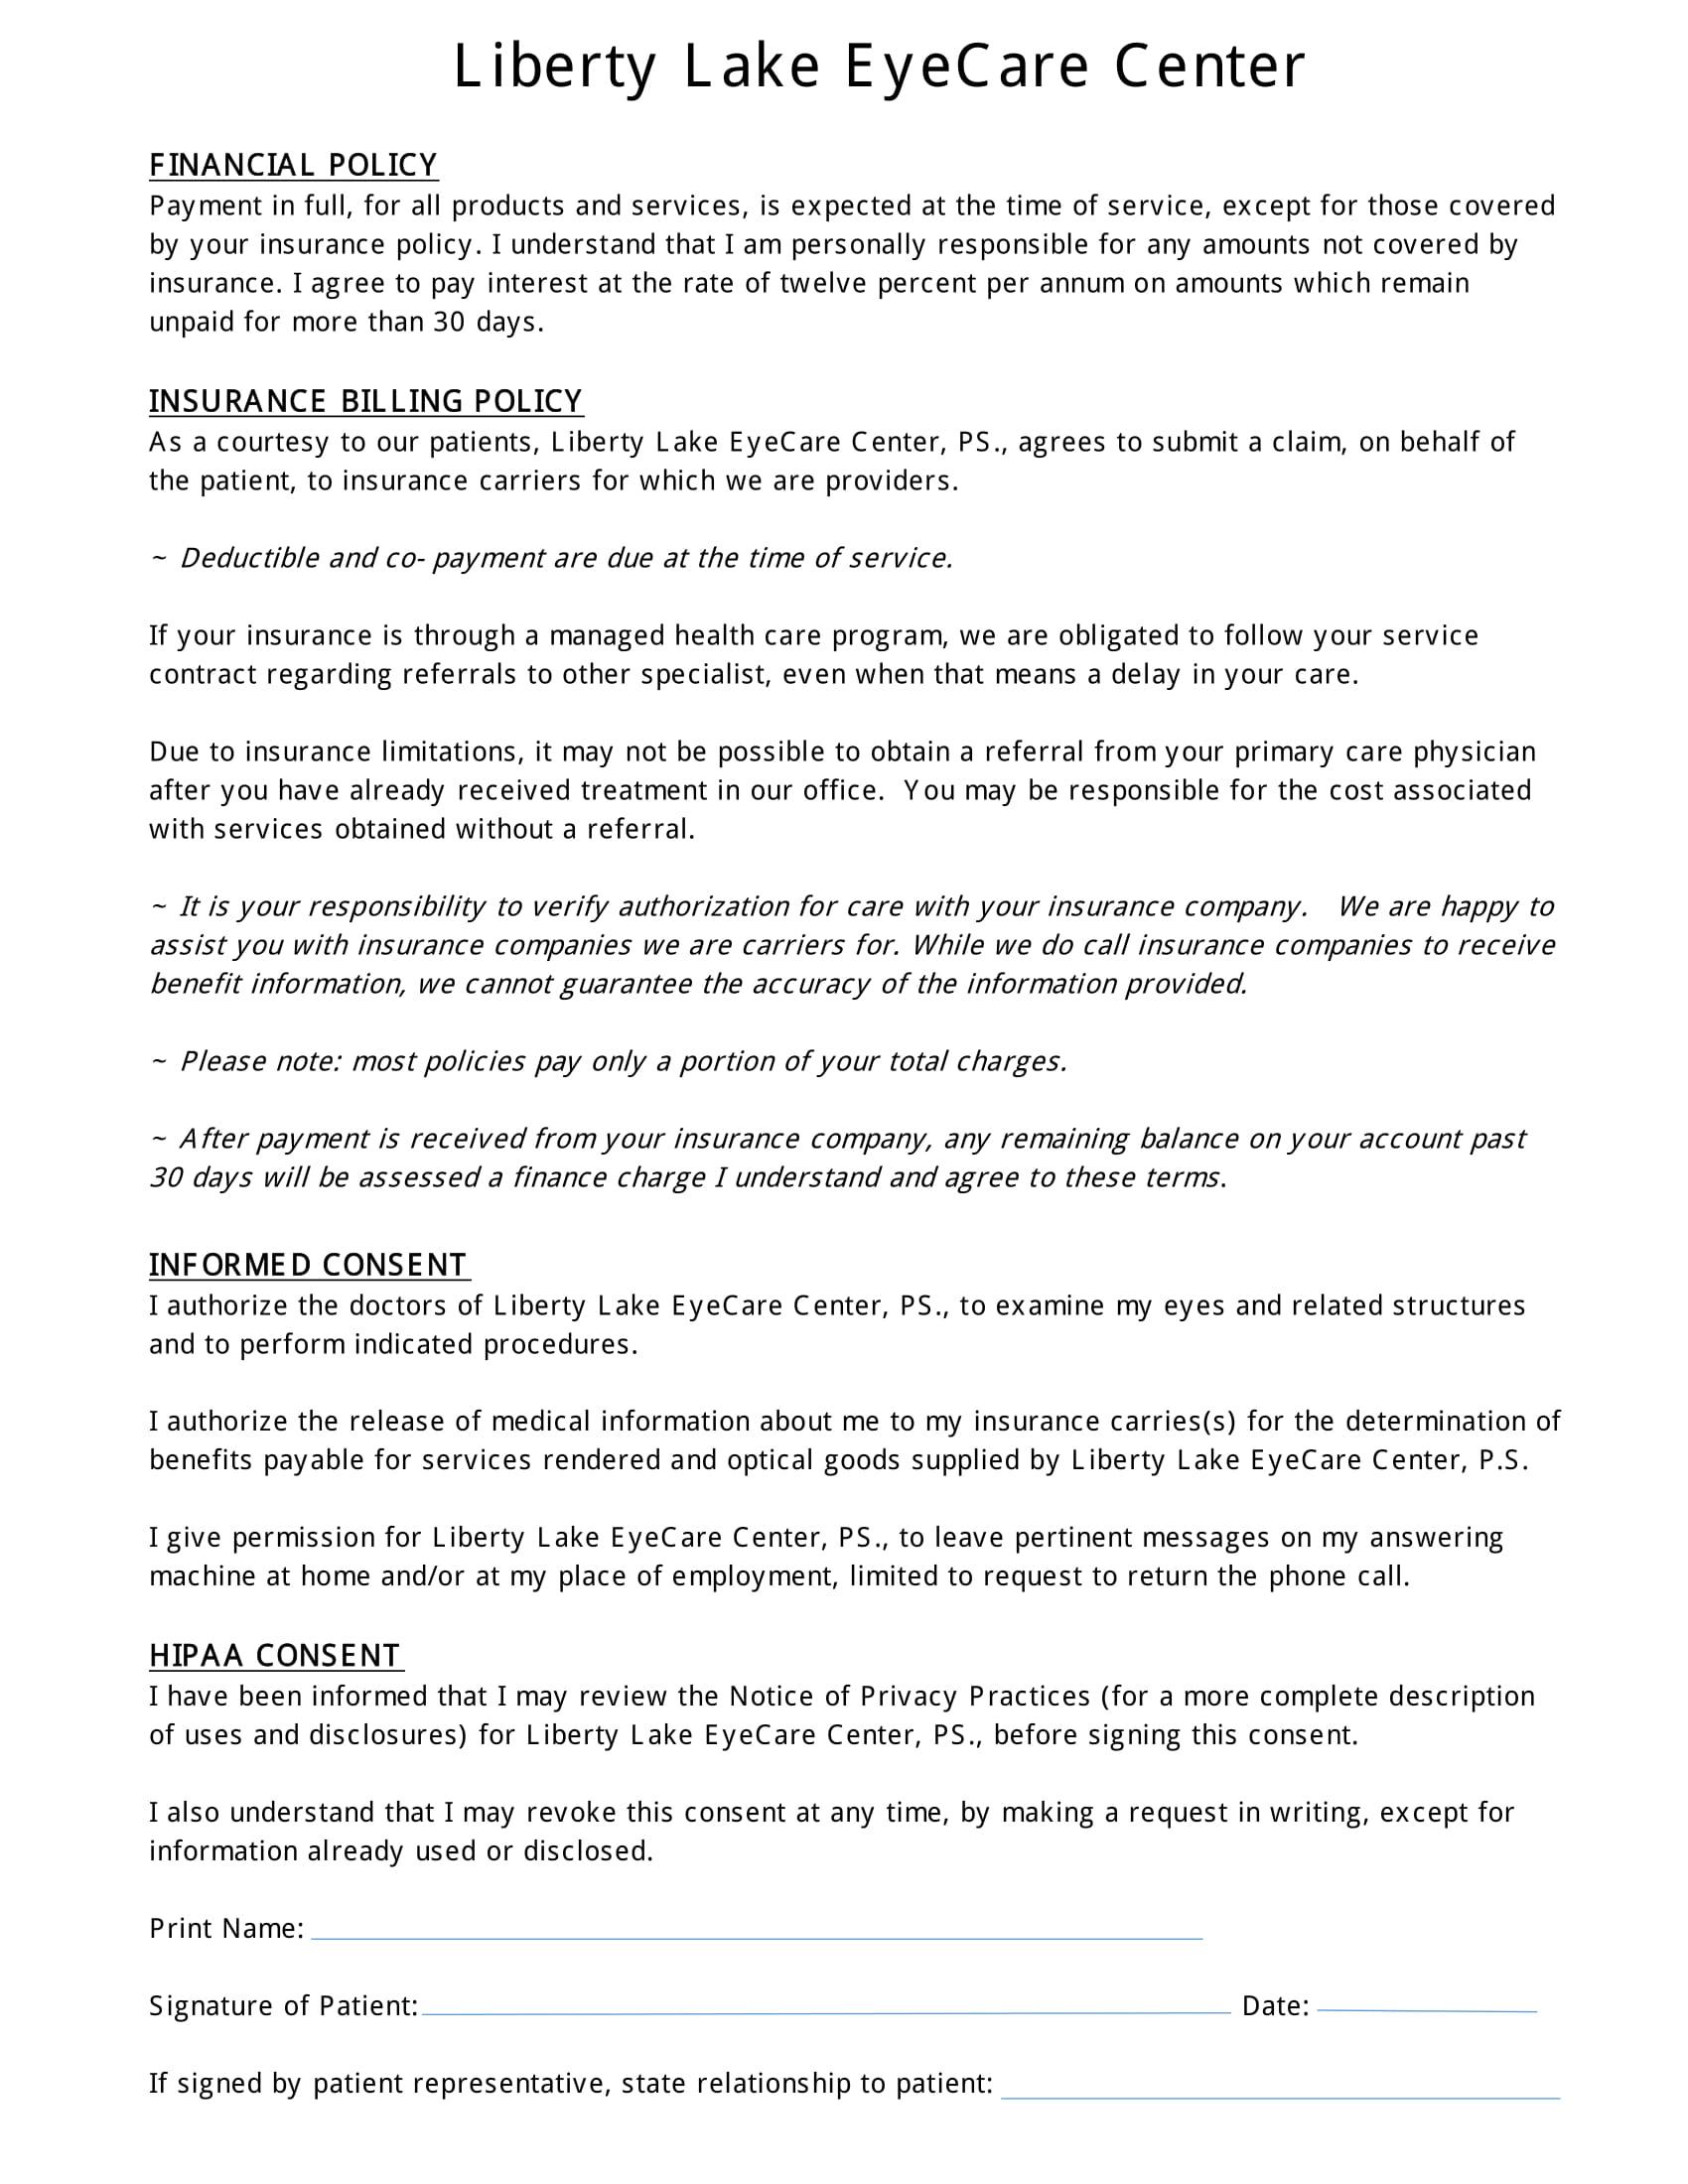 Liberty Lake EyeCare Center - Optometrist in Liberty Lake, WA on ada medical forms, hipaa activities, billing medical forms, cobra medical forms, insurance medical forms, osha medical forms,